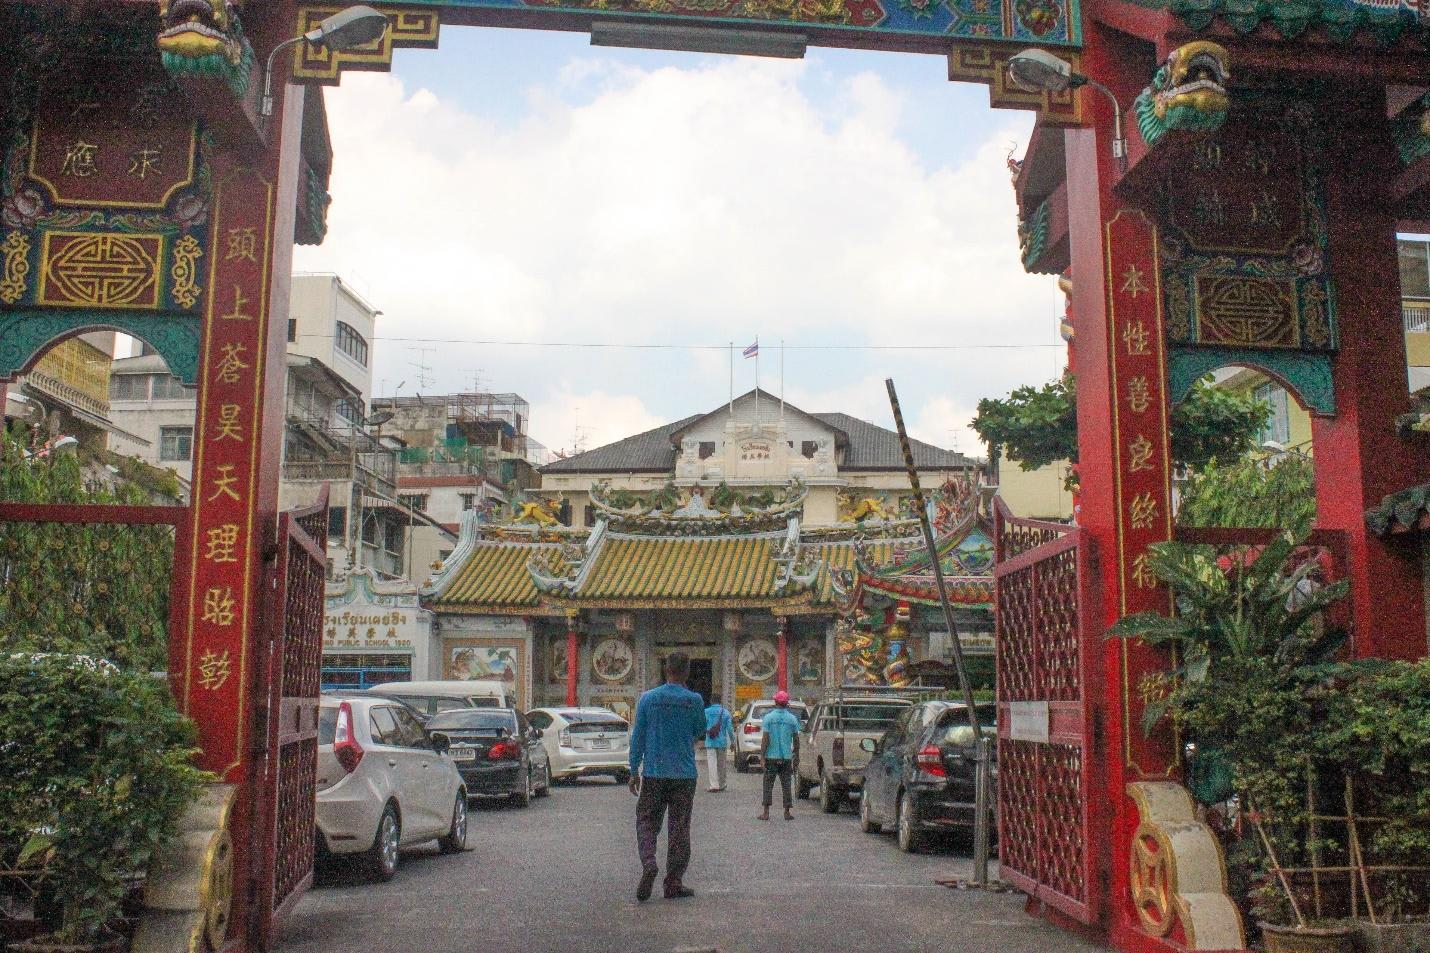 đền đạo giáo ở chinatown